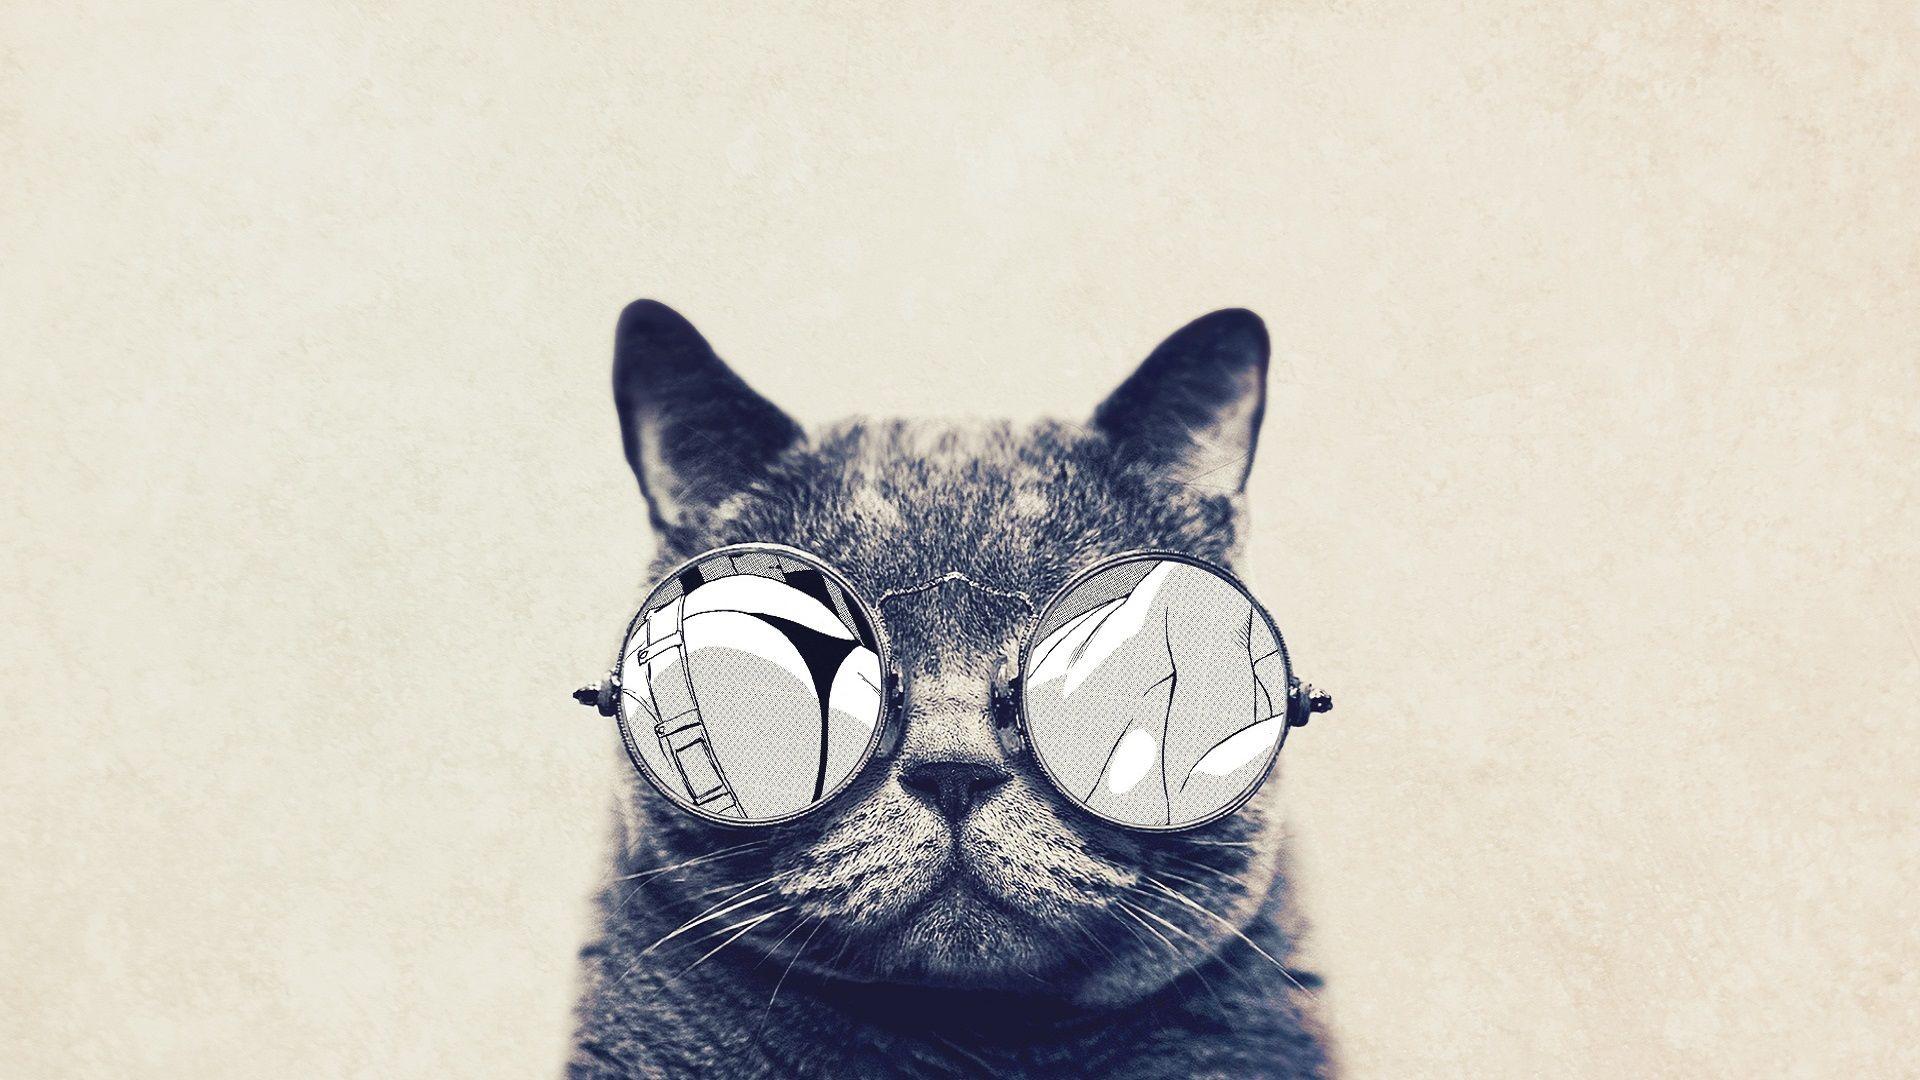 cat tumblr reddit imgur hd wallpaper hd wallpapers love